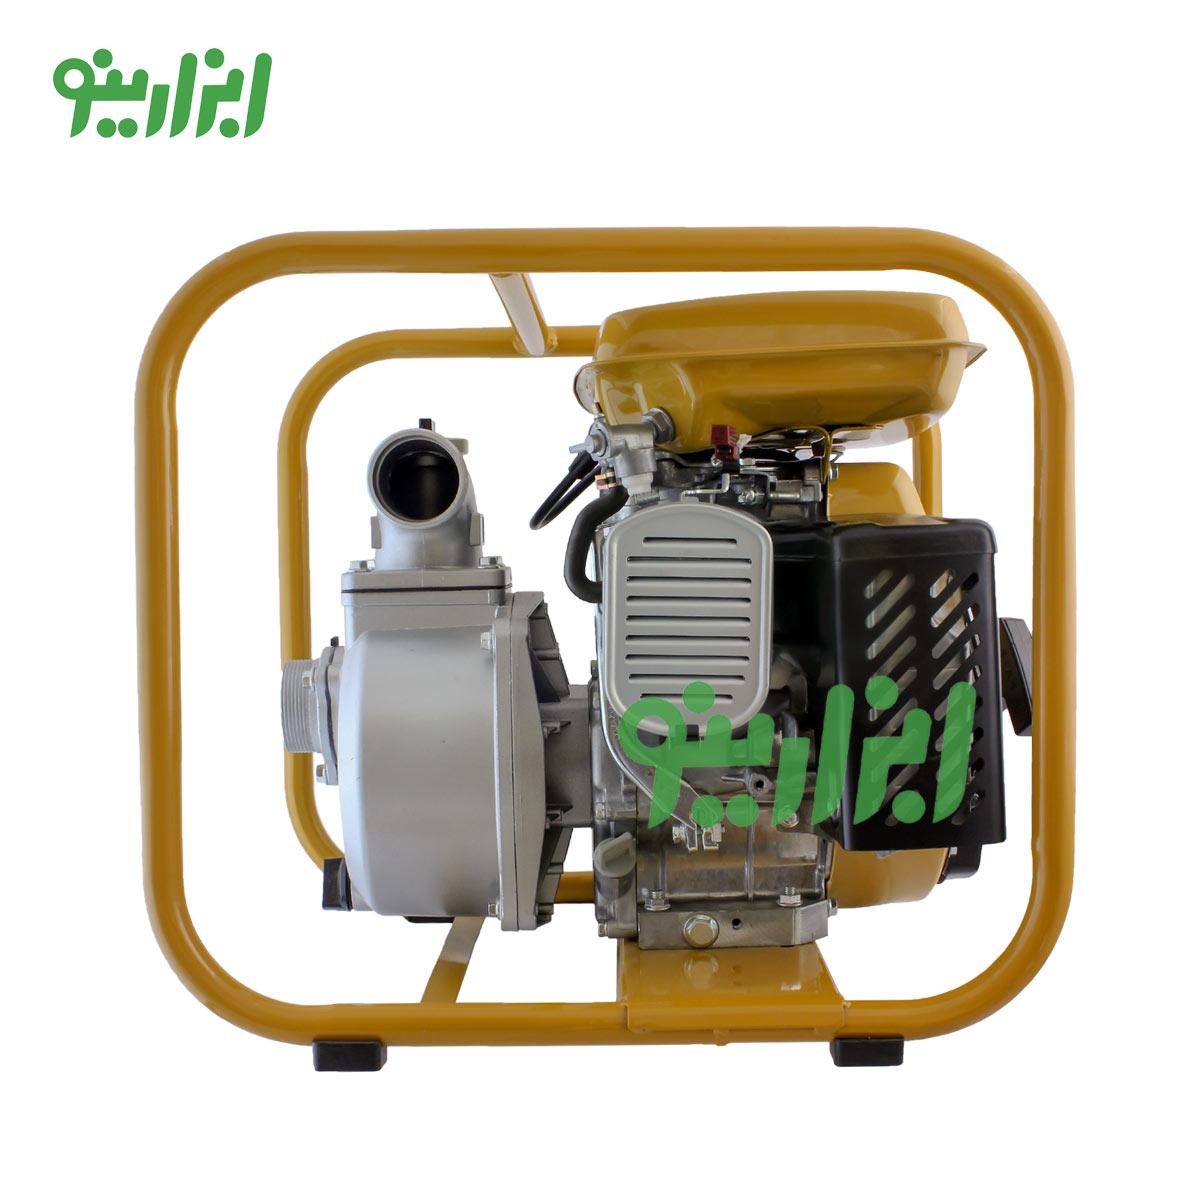 پمپ آب لوبن با سوخت بنزین